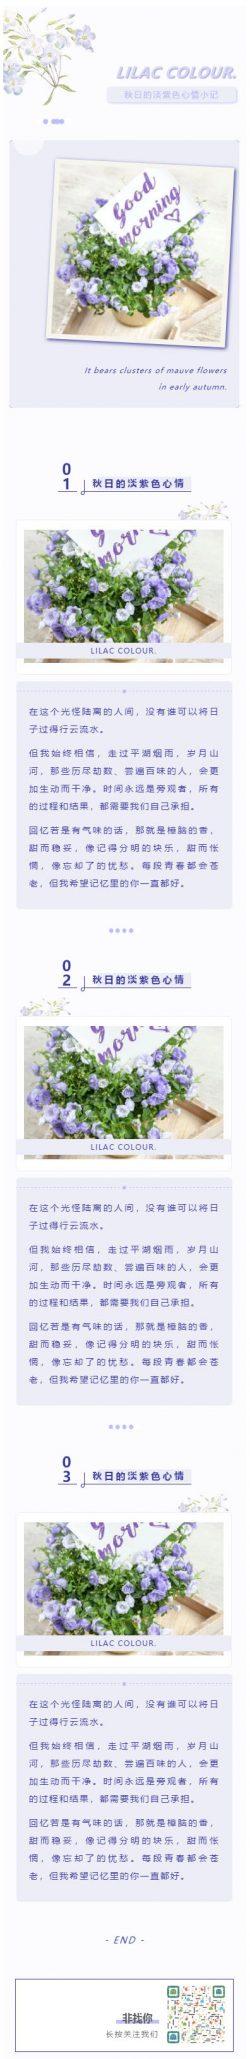 紫色风格心情日记微信公众号模板花店鲜花推文素材推送图文模板